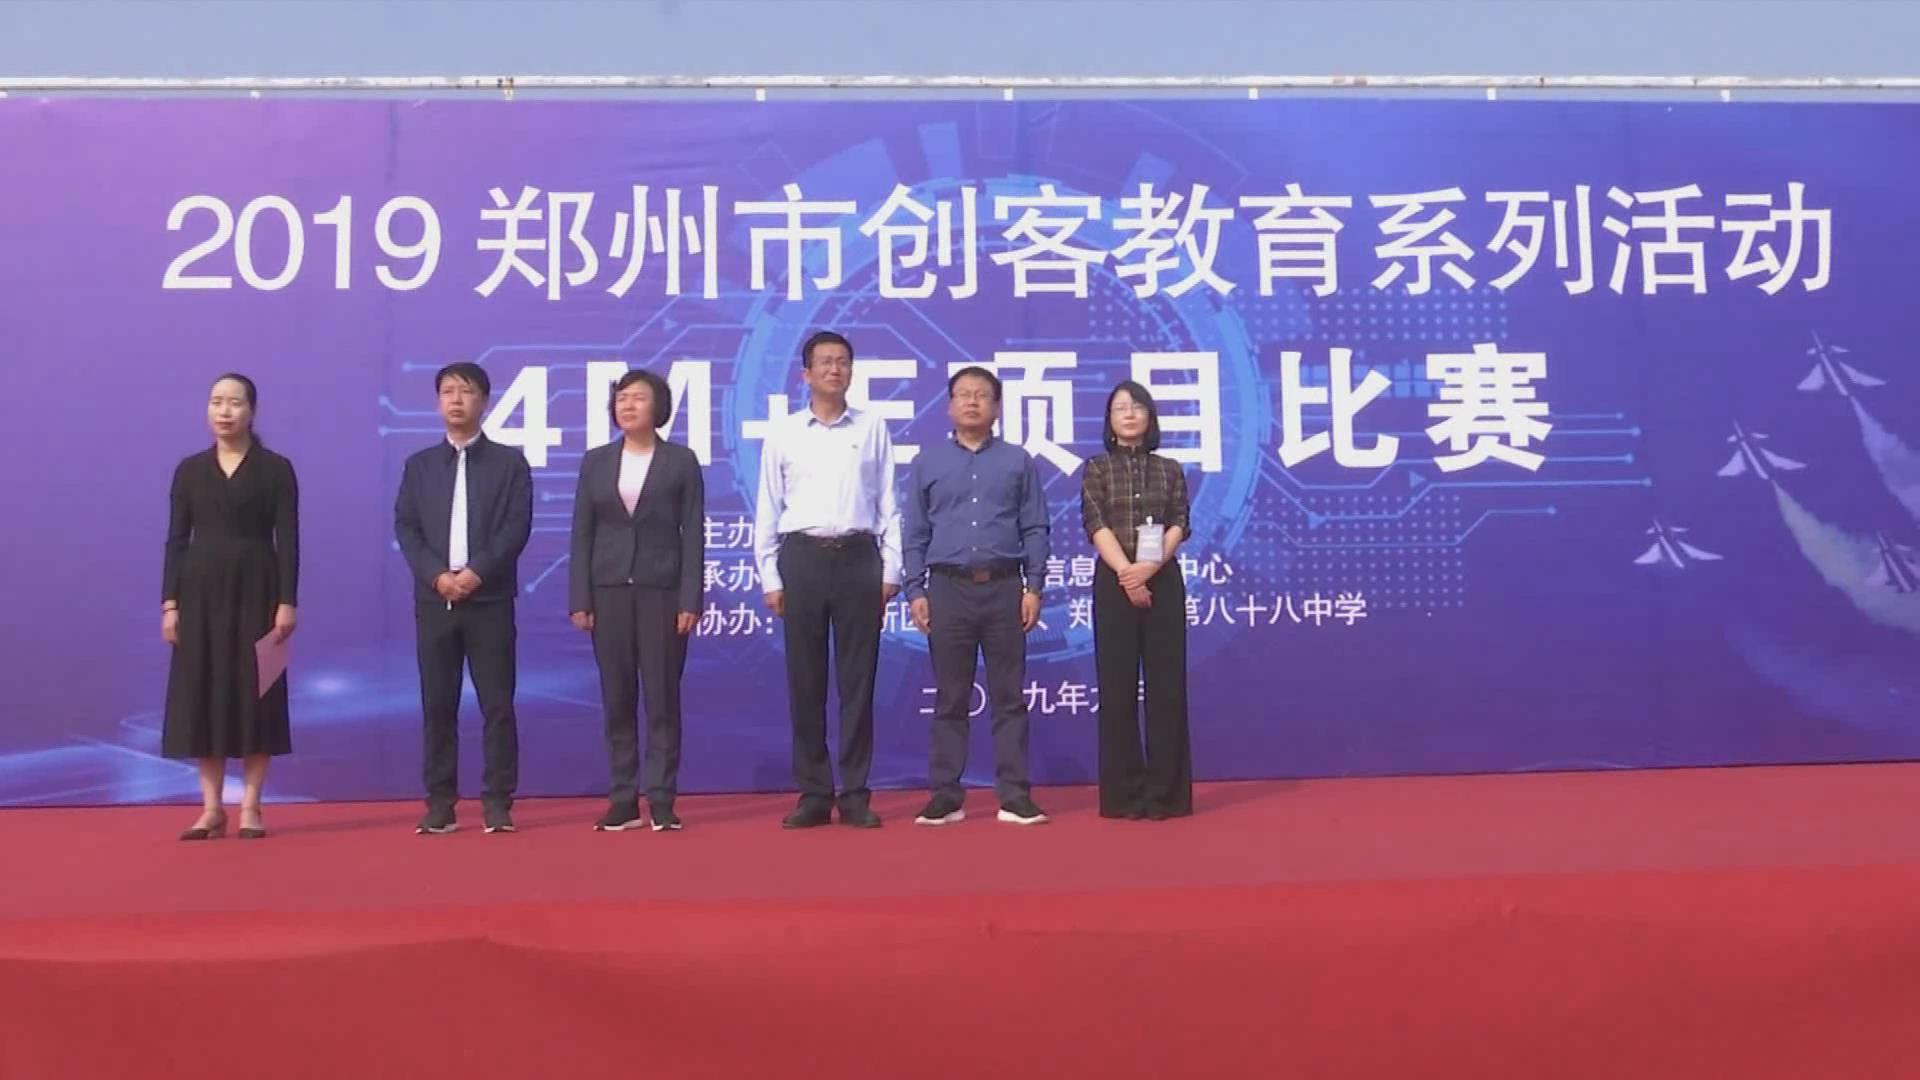 信息时代-2019郑州市创客教育项目比赛